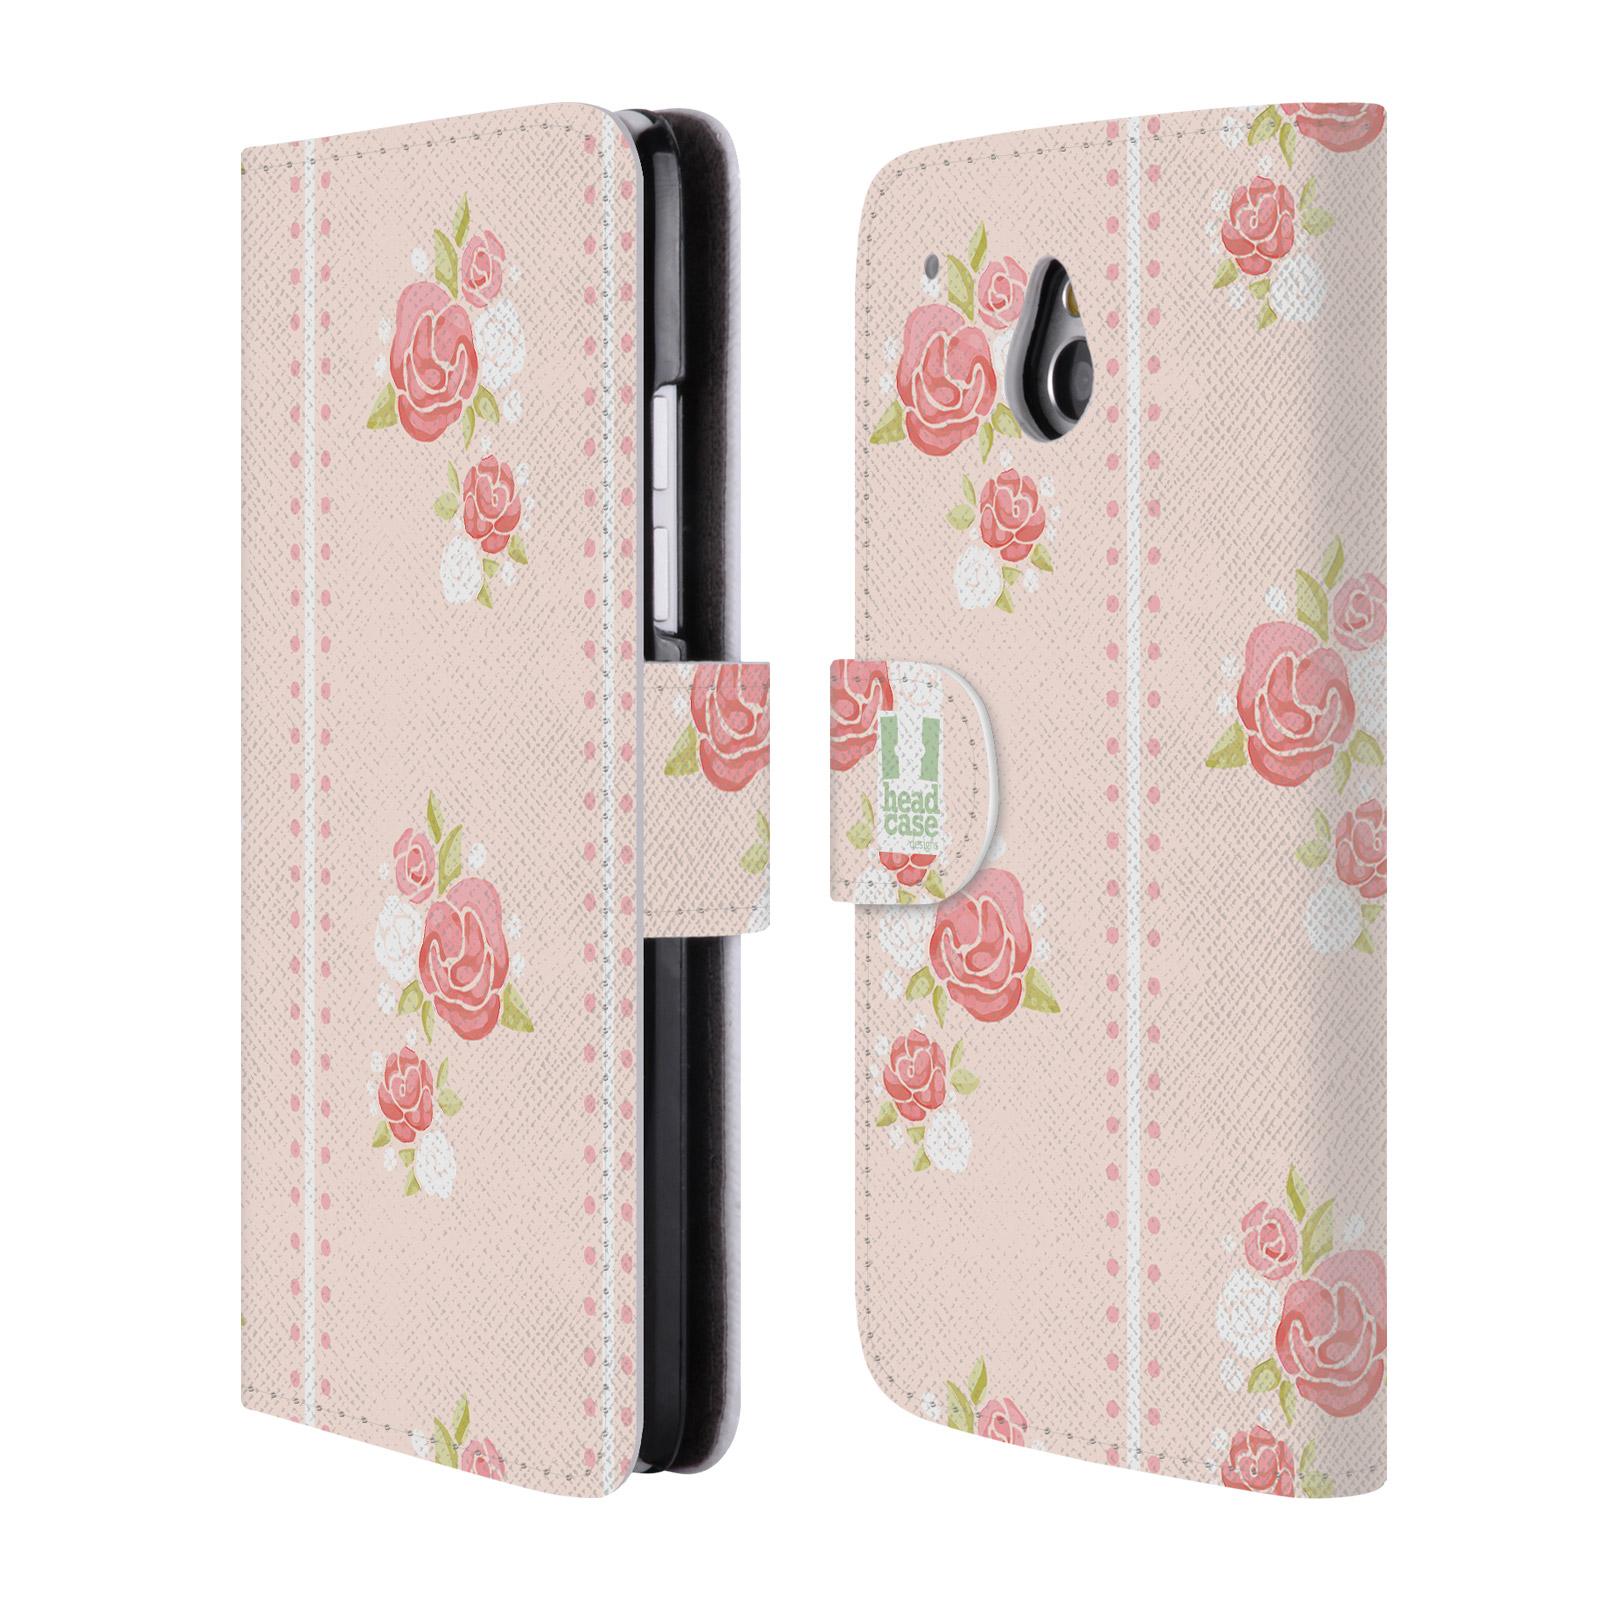 HEAD CASE Flipové pouzdro pro mobil HTC ONE MINI (M4) Francouzský venkov pruhy a růže růžová barva